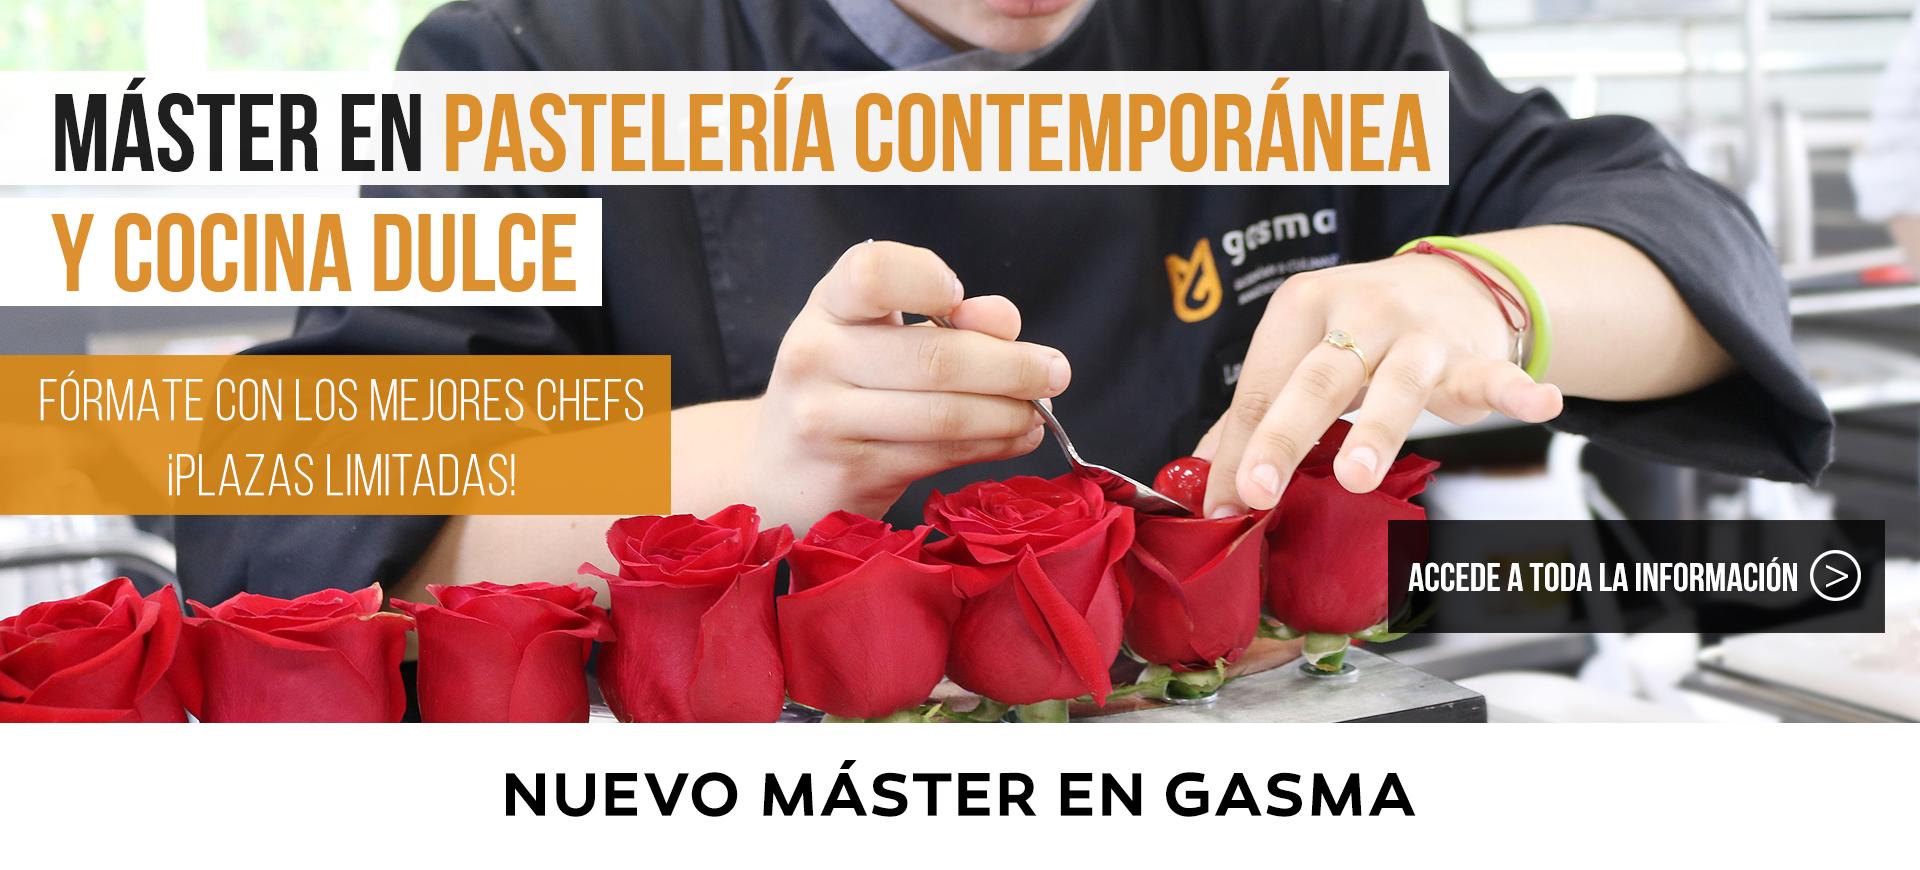 master_pasteleria_slide_v3_1920x870